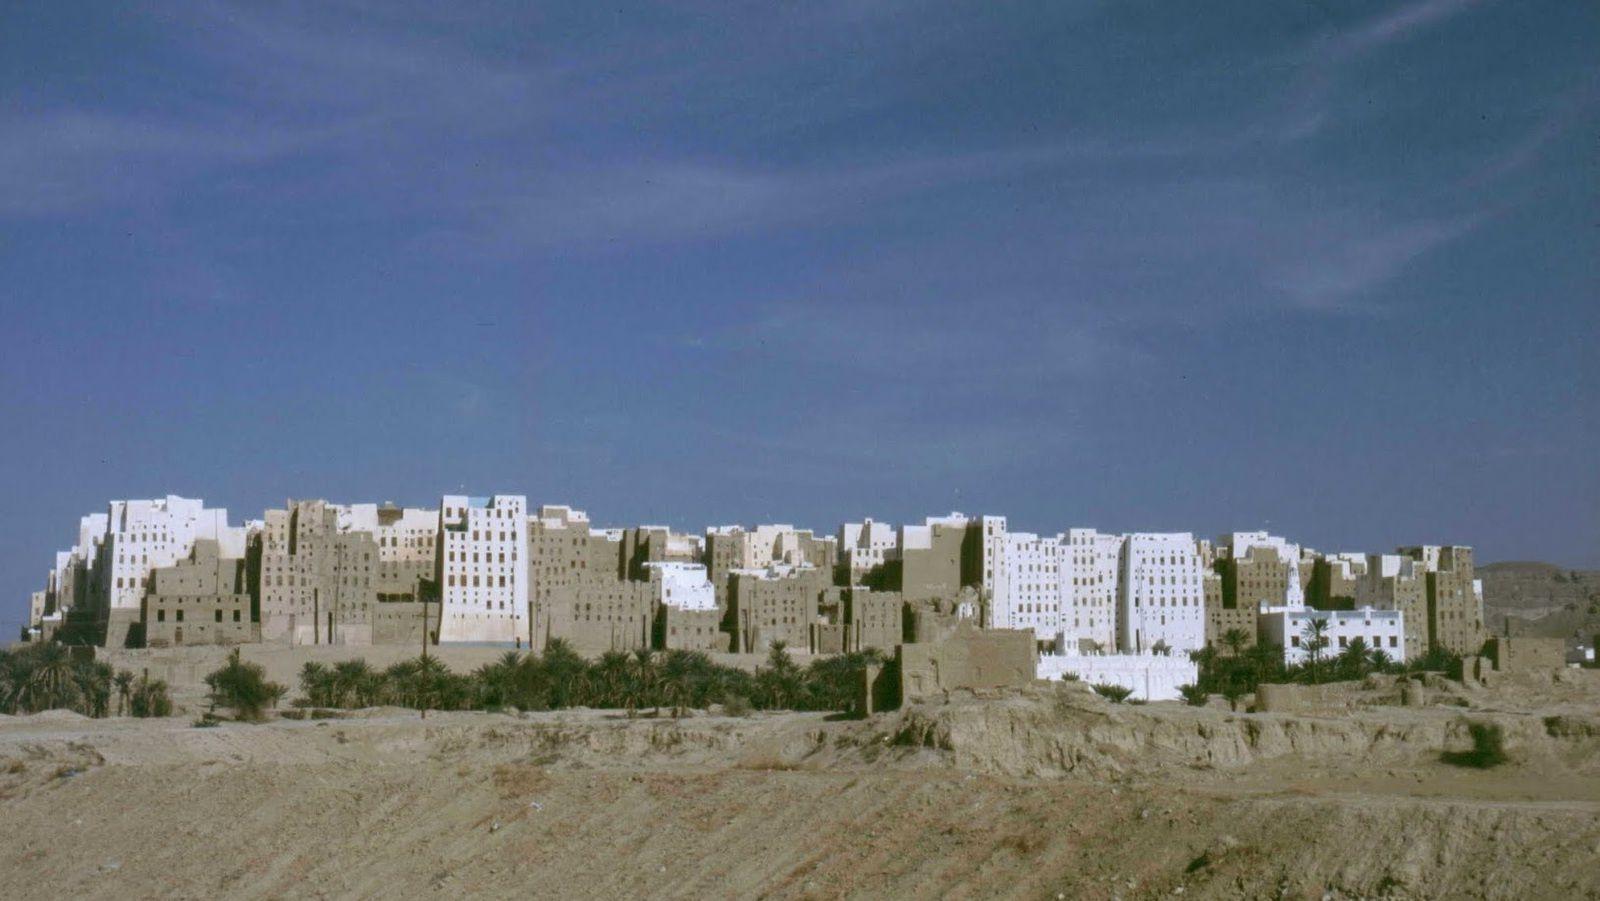 Wadi Hadramaout : Shibam